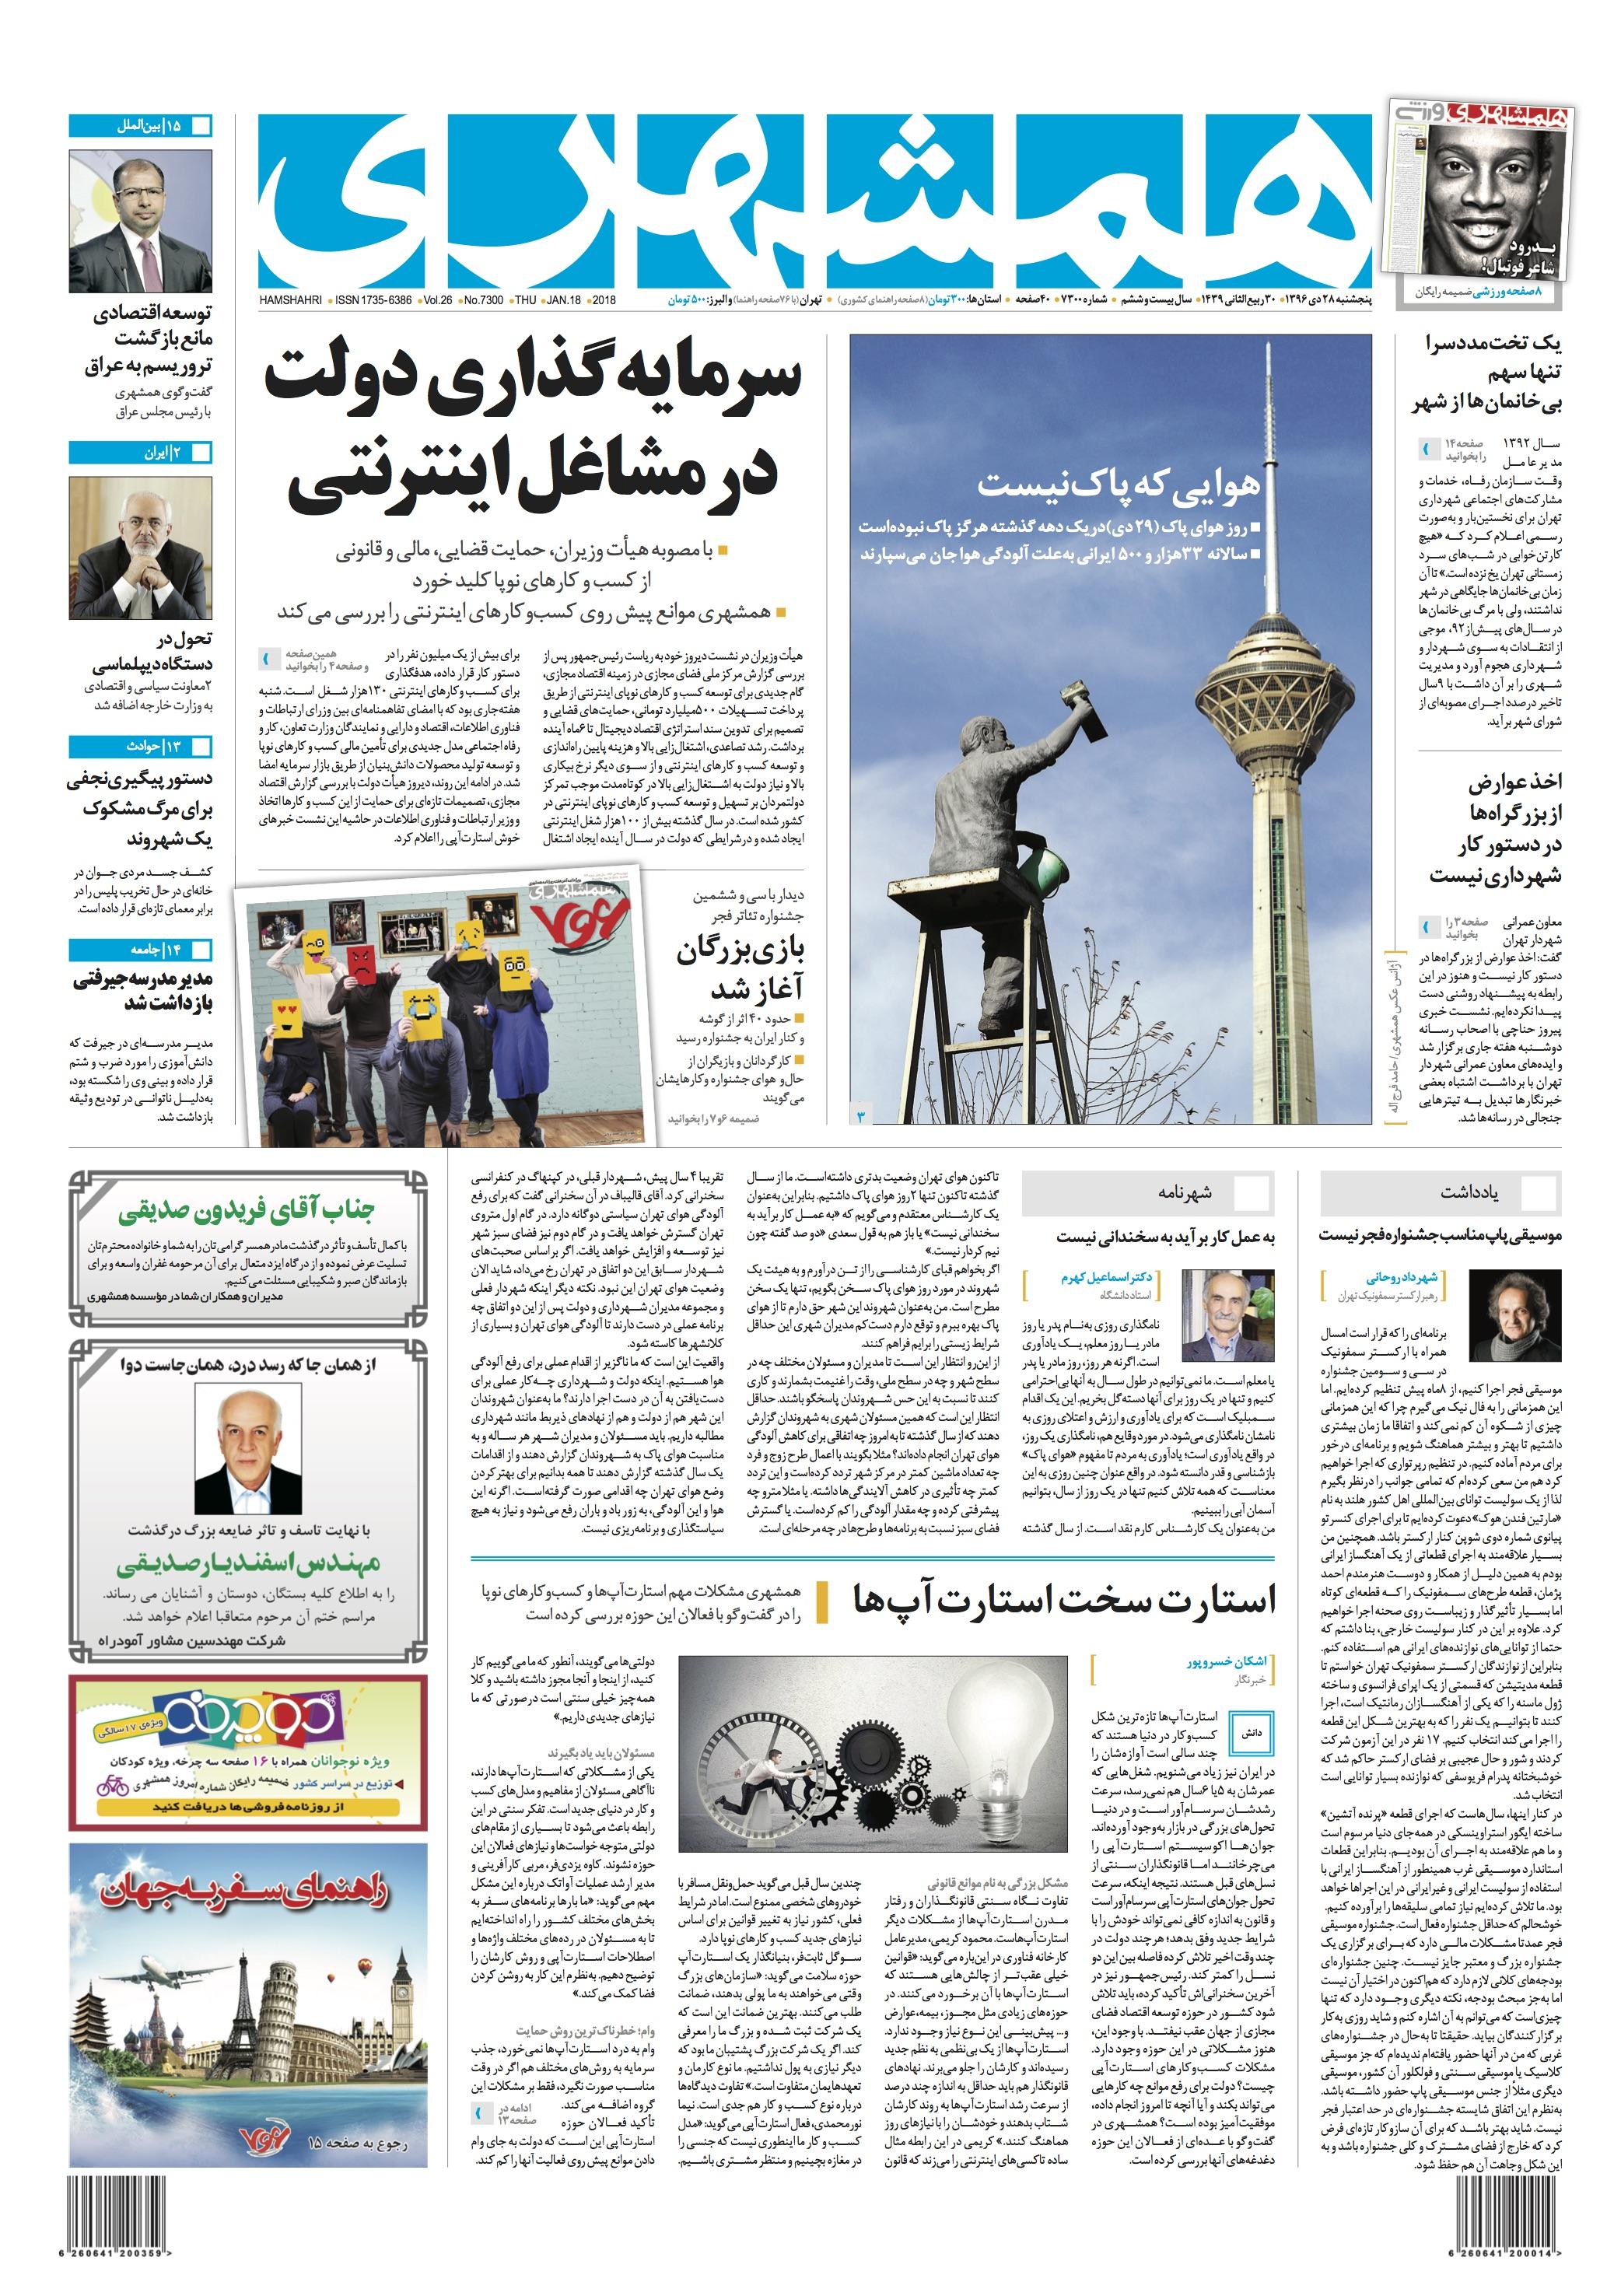 صفحه اول پنجشنبه 28 دیماه 1396